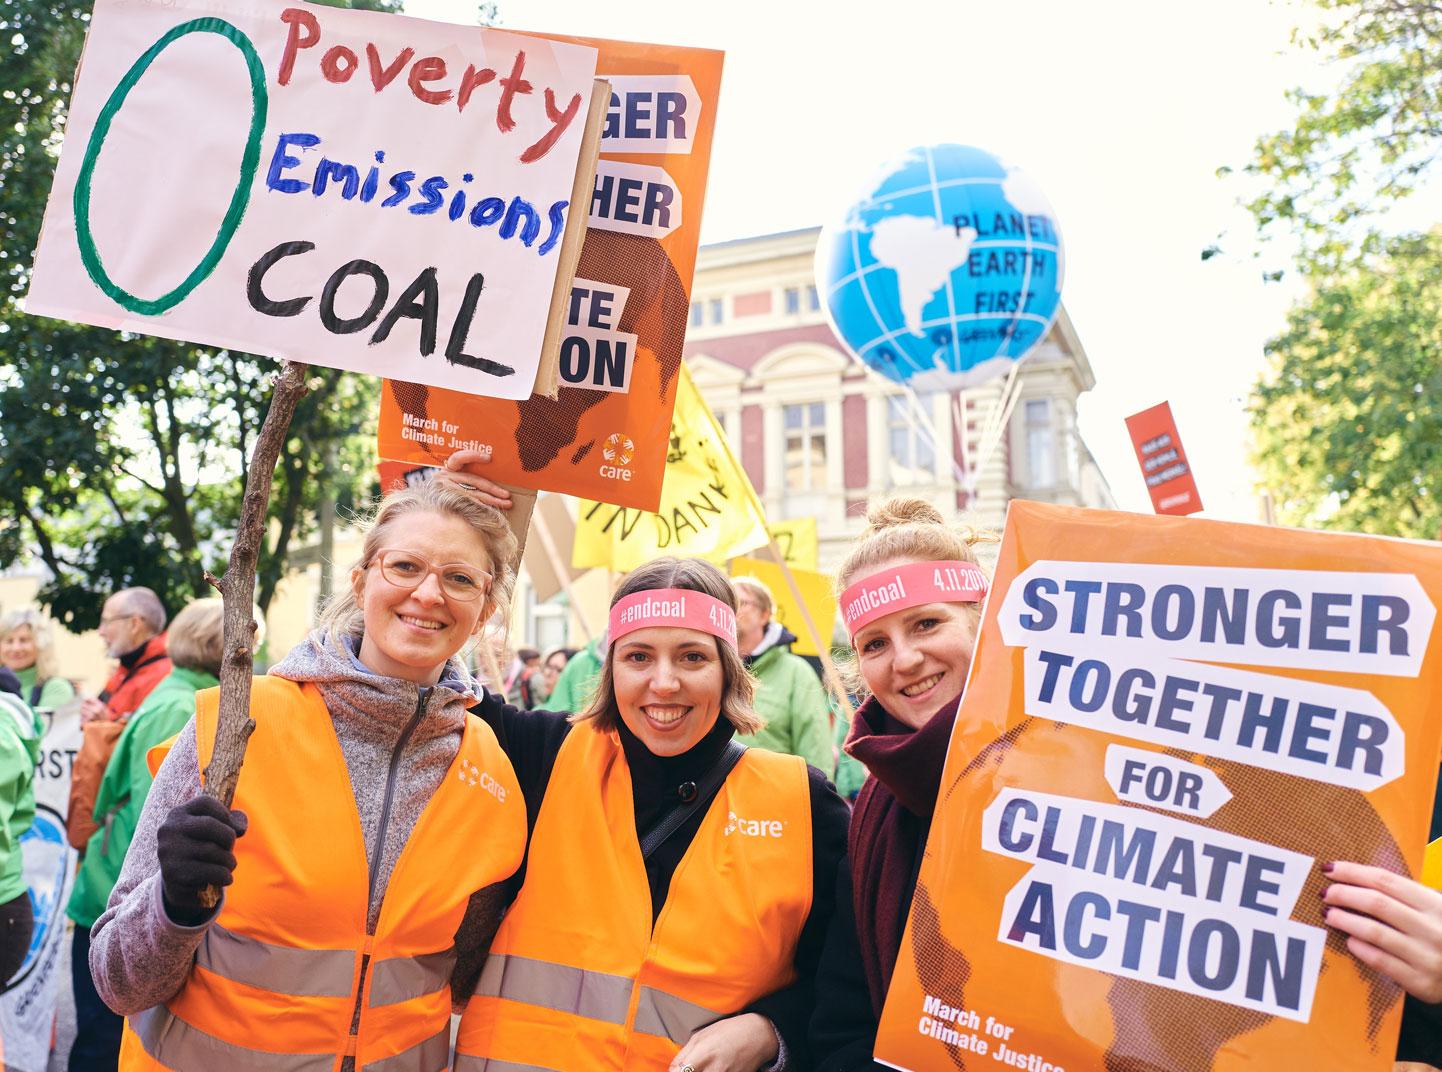 Três mulheres vestindo coletes laranja sorriem em uma marcha da CARE for Climate Action. Um está segurando uma placa que diz: